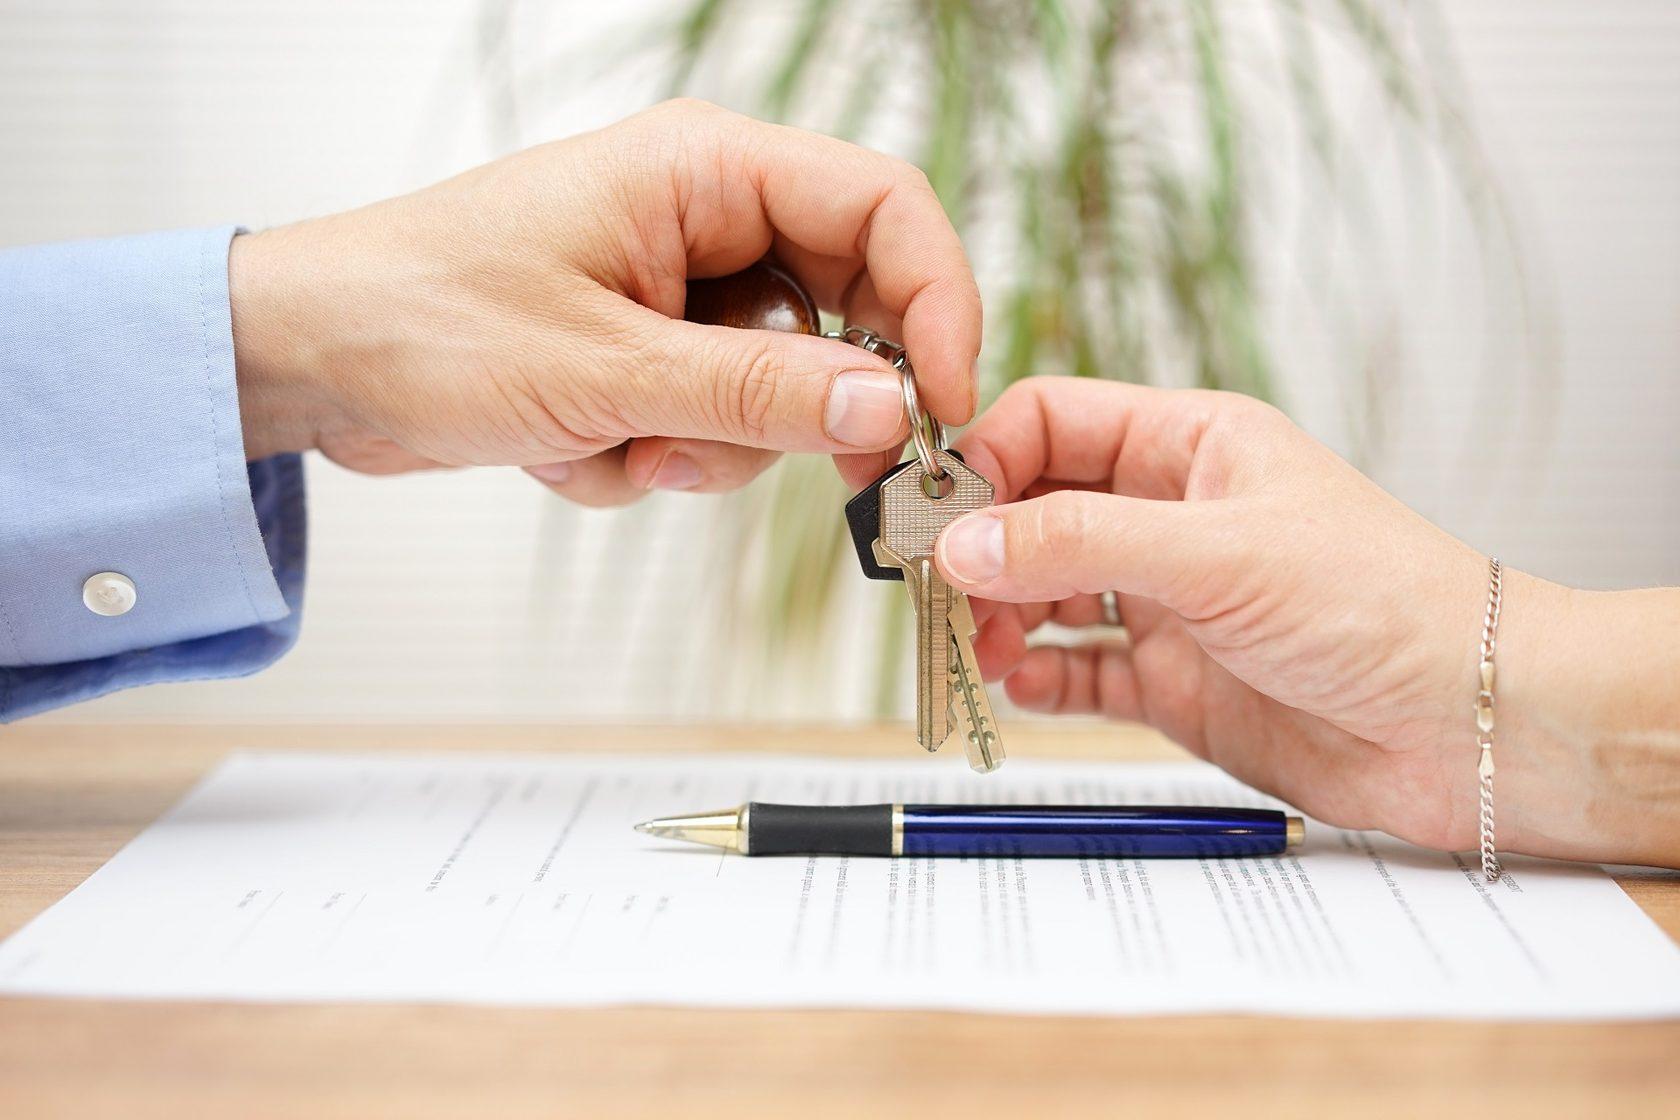 Как правильно арендовать квартиру? Что нужно знать при аренде квартиры? Советы юриста.